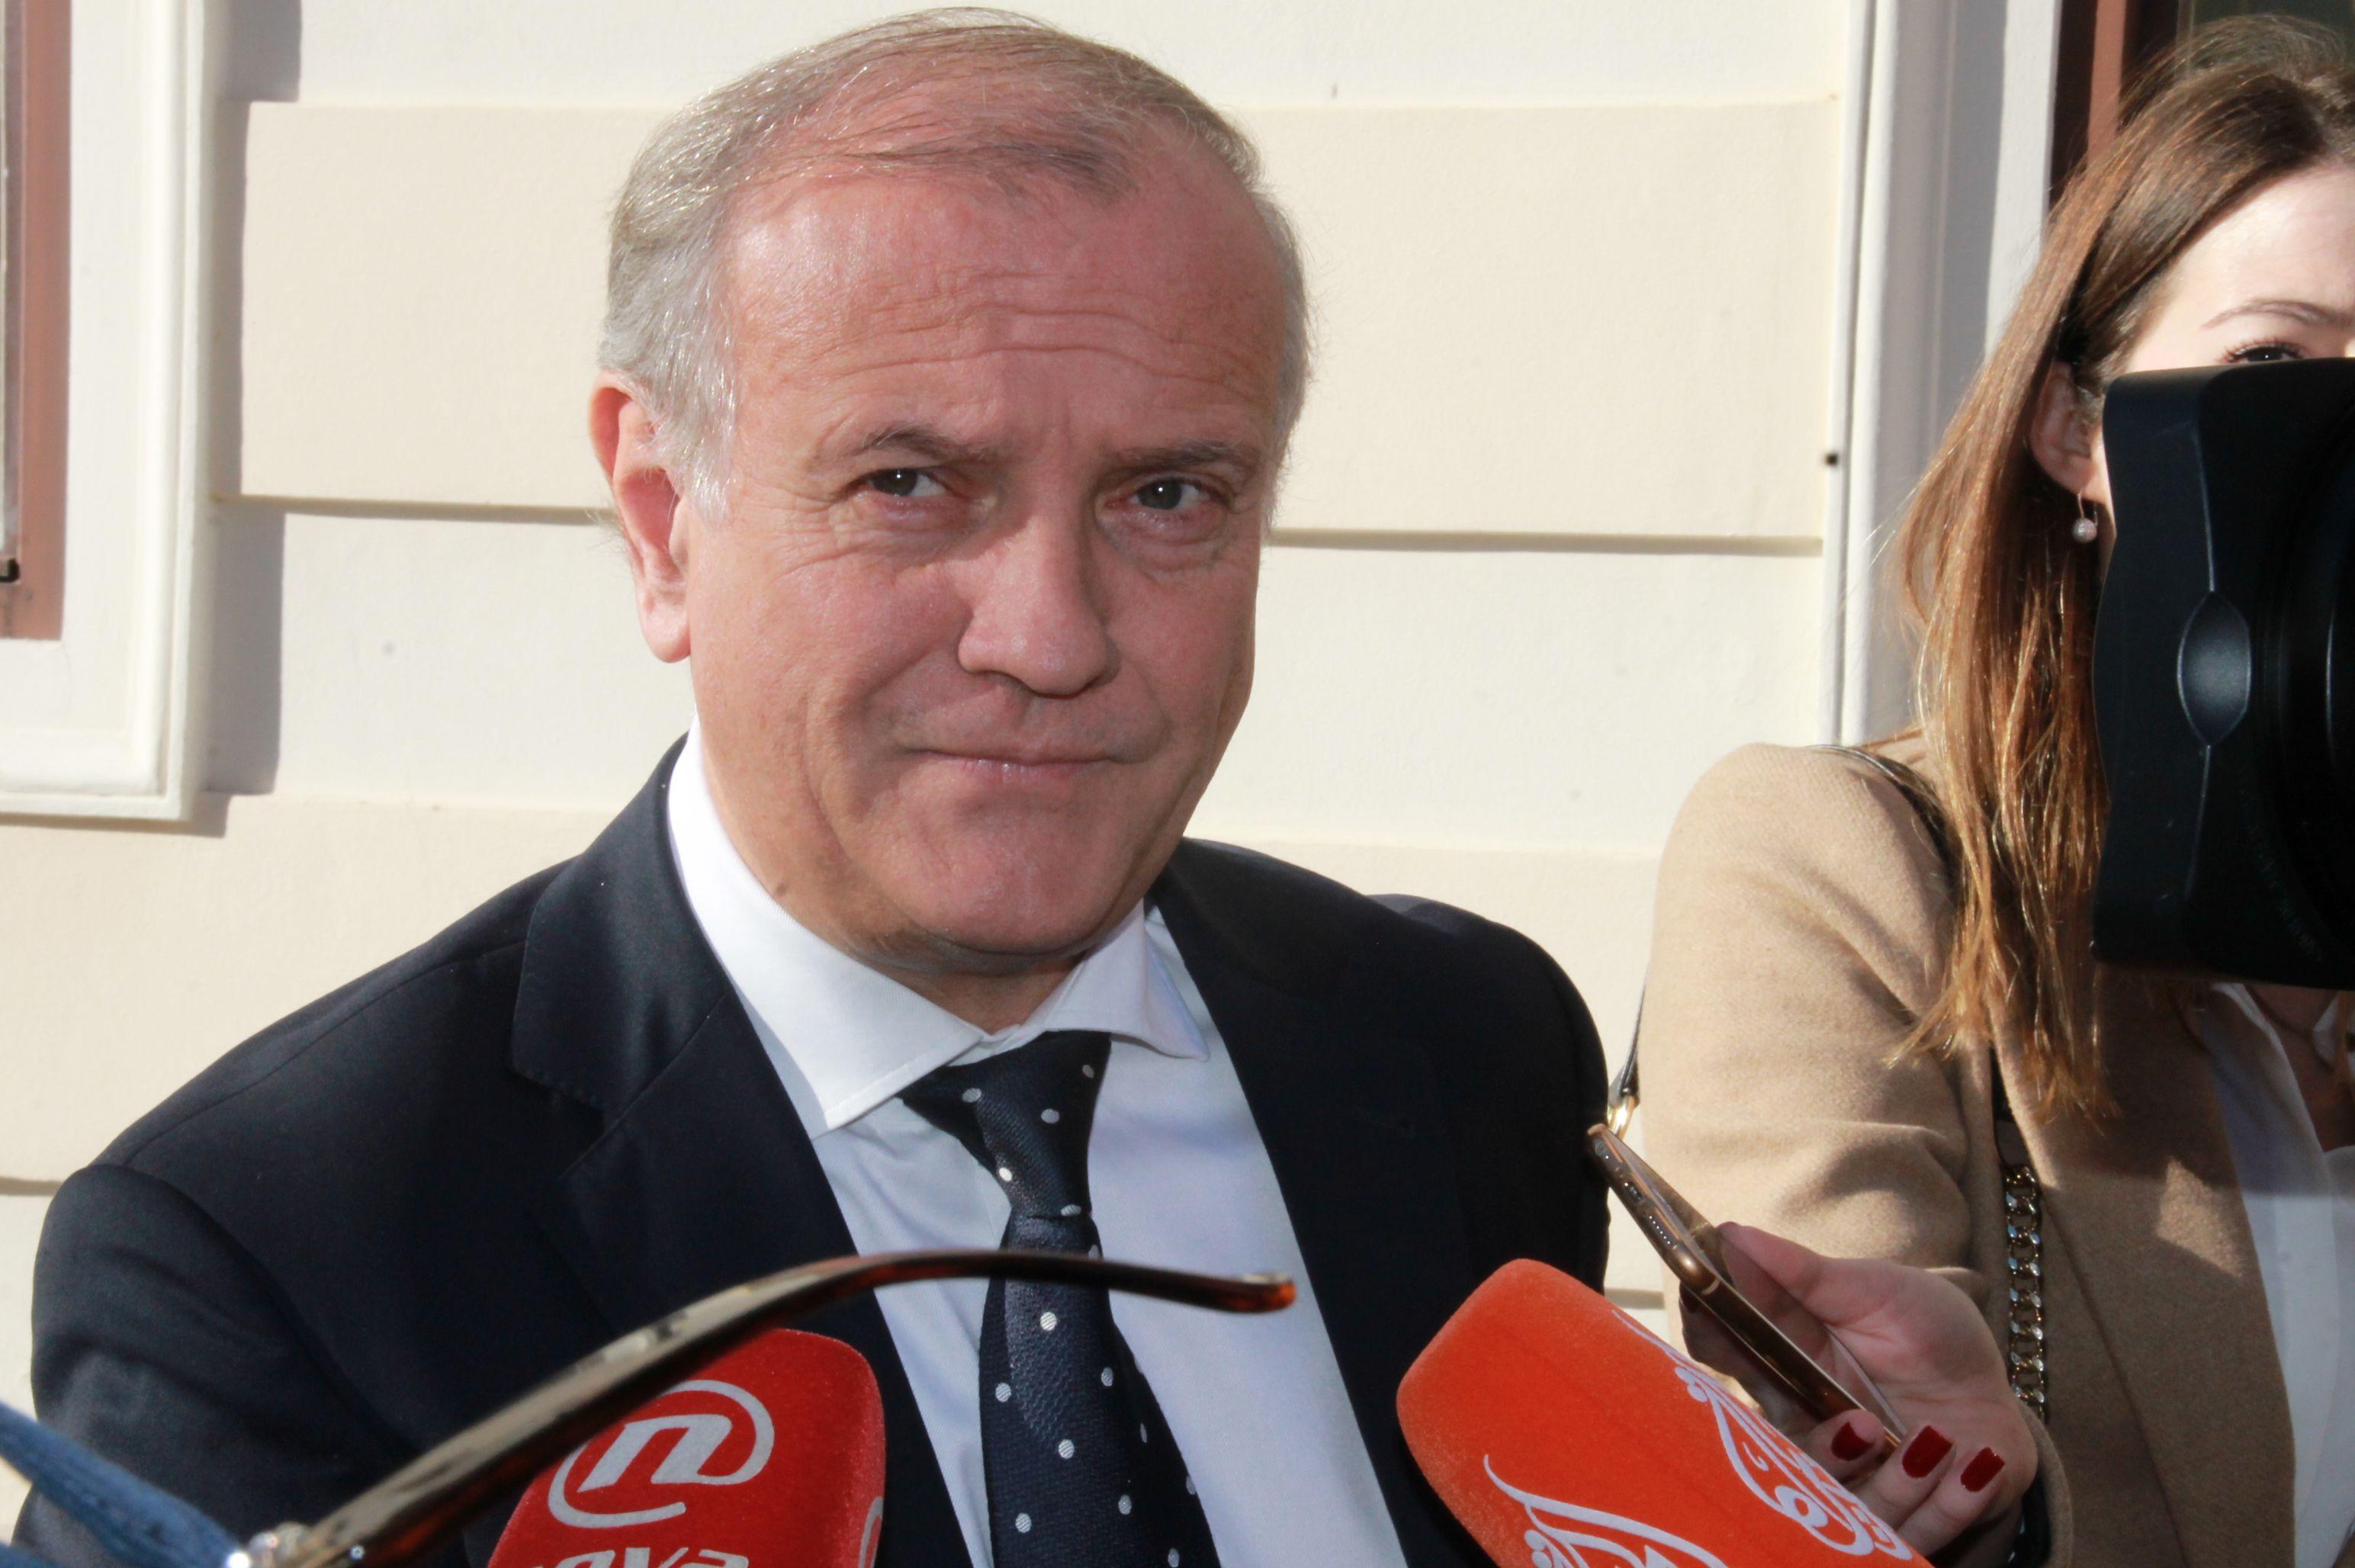 PA JE LI TO MOGUĆE? Bošnjaković se probudio i najavio strože kazne za nasilnike